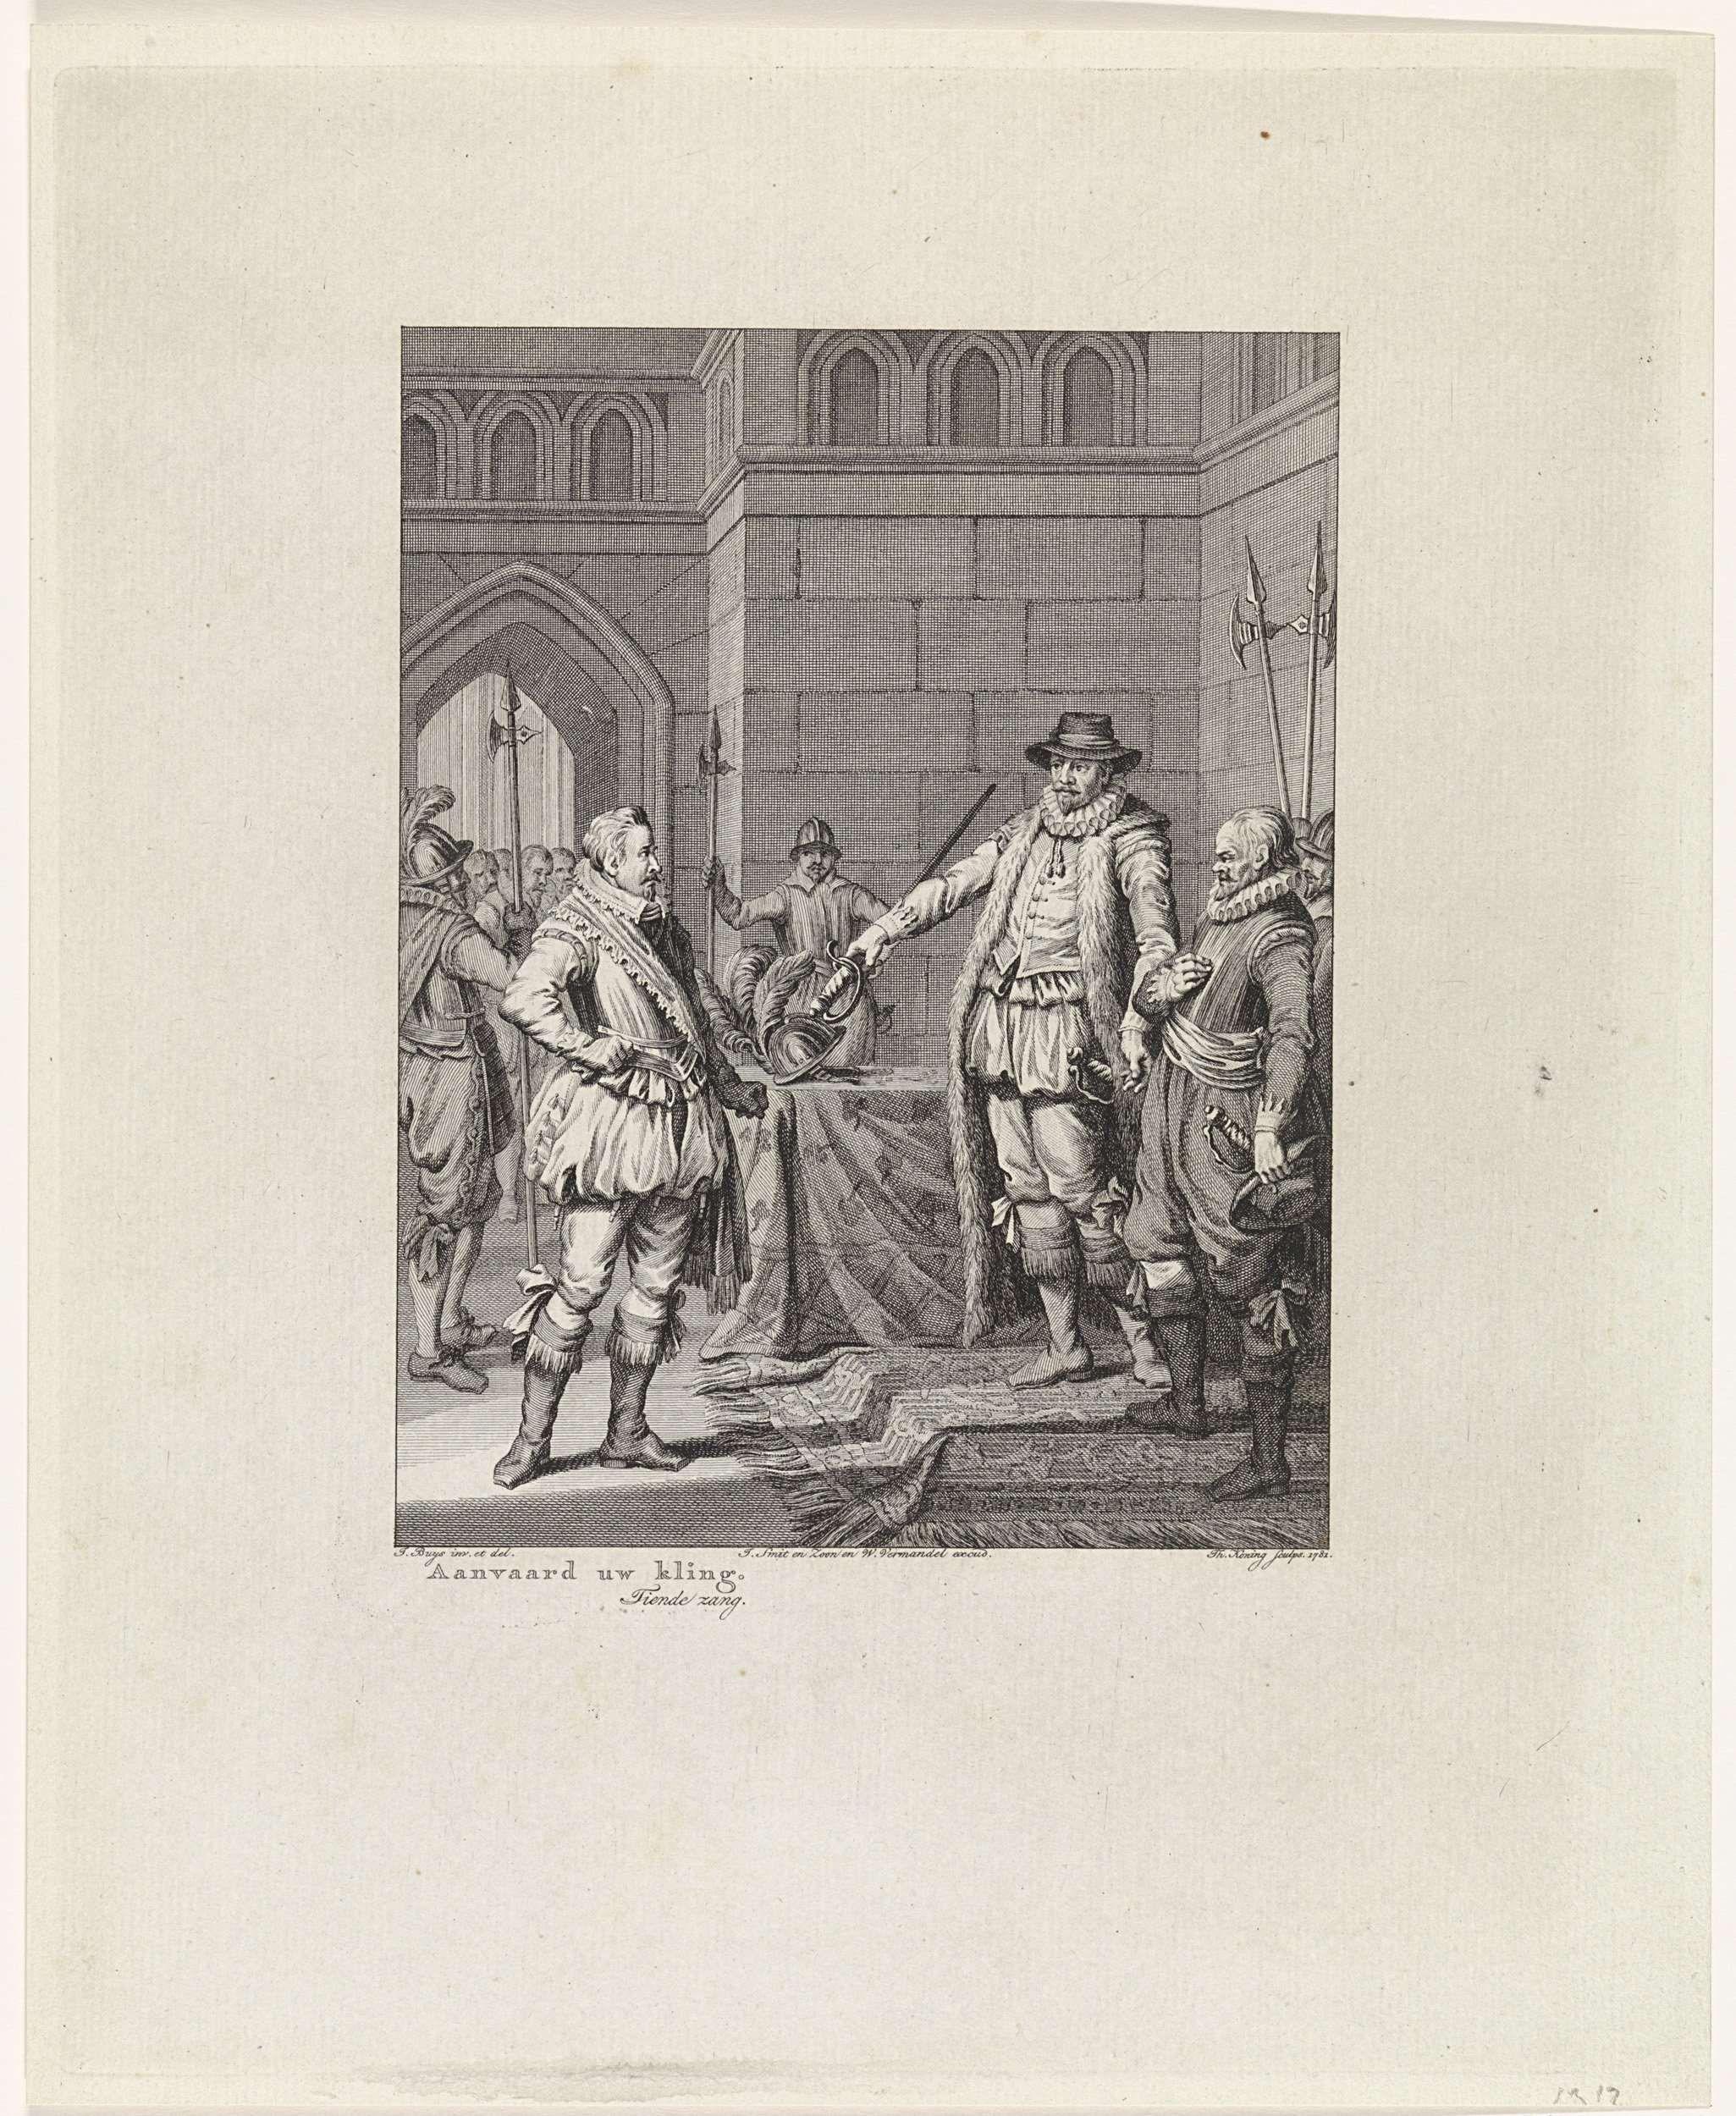 Theodoor Koning | Oranje geeft Bossu te Hoorn zijn zwaard terug, 1573, Theodoor Koning, Johannes Smit & Zoon, Willem Vermandel, 1781 | Willem van Oranje geeft Bossu te Hoorn zijn zwaard terug, 1573. Deze prent maakt deel uit van een serie van 24 prenten met taferelen uit het leven van prins Willem I, 1568-1584 en is een illustratie bij de tiende zang.